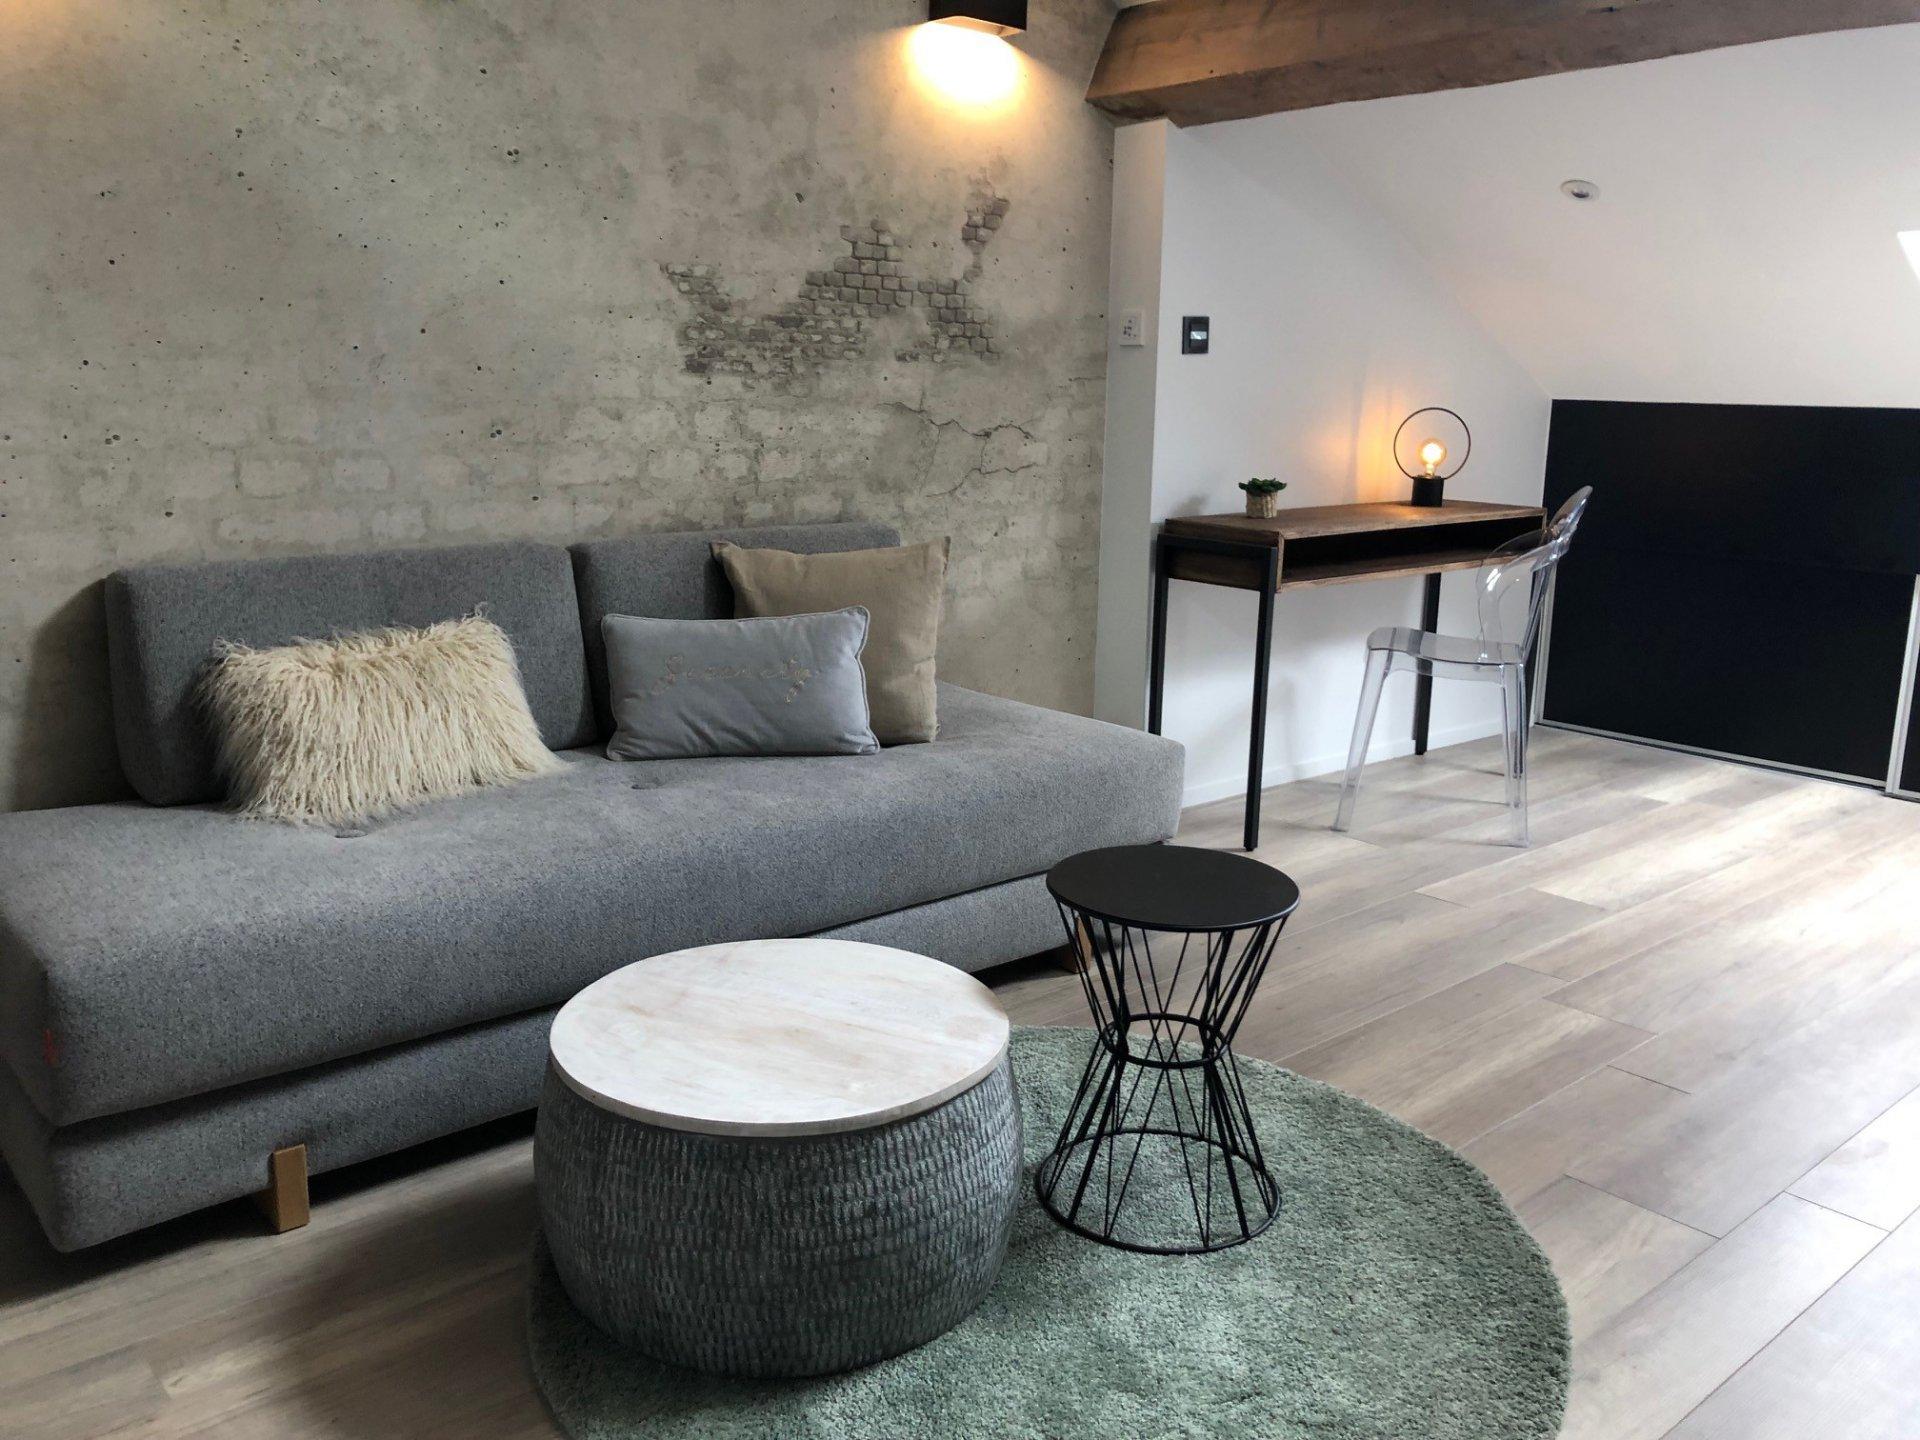 Loué par notre agence - Duplex meublé climatisé lyautey